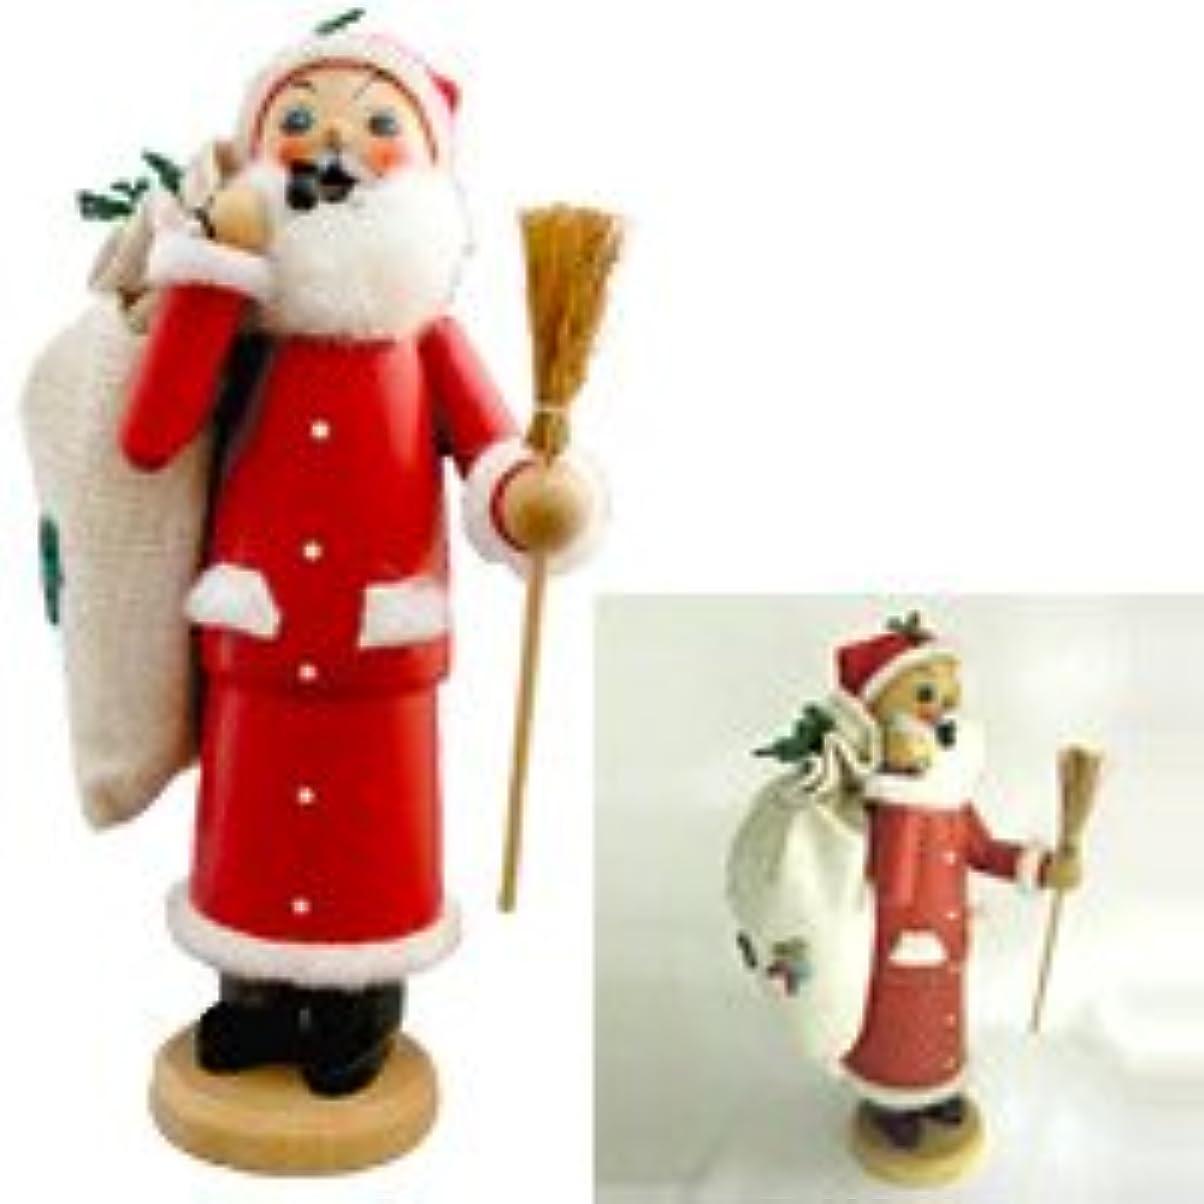 並外れた旅行者出会いクーネルト インセンススタンド(香皿) パイプ人形 サンタクロース